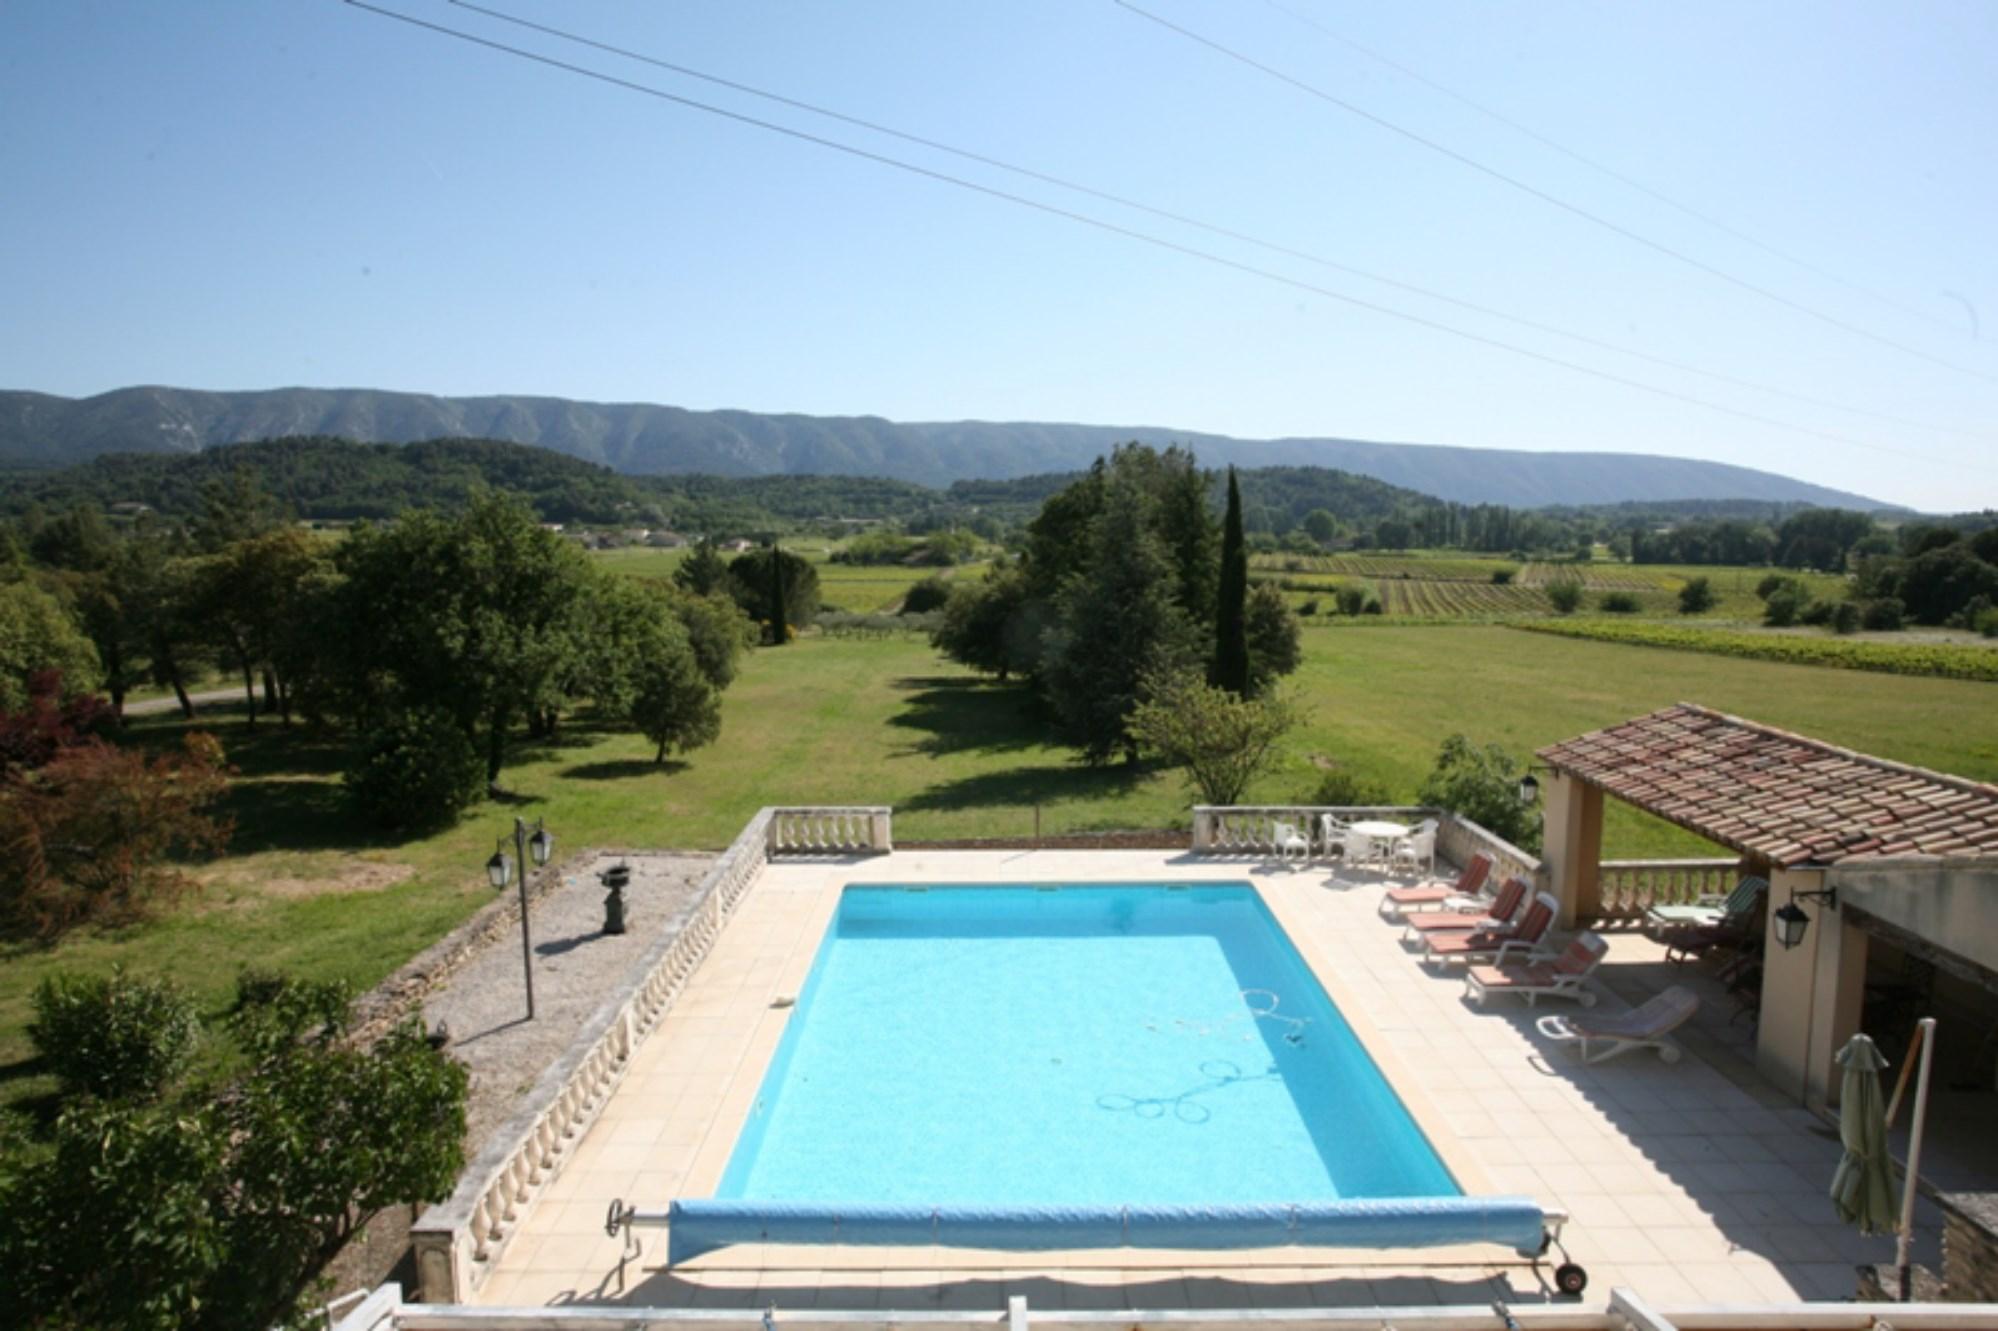 Maison provençale avec piscine et terrasse avec vue panoramique à vendre en Luberon